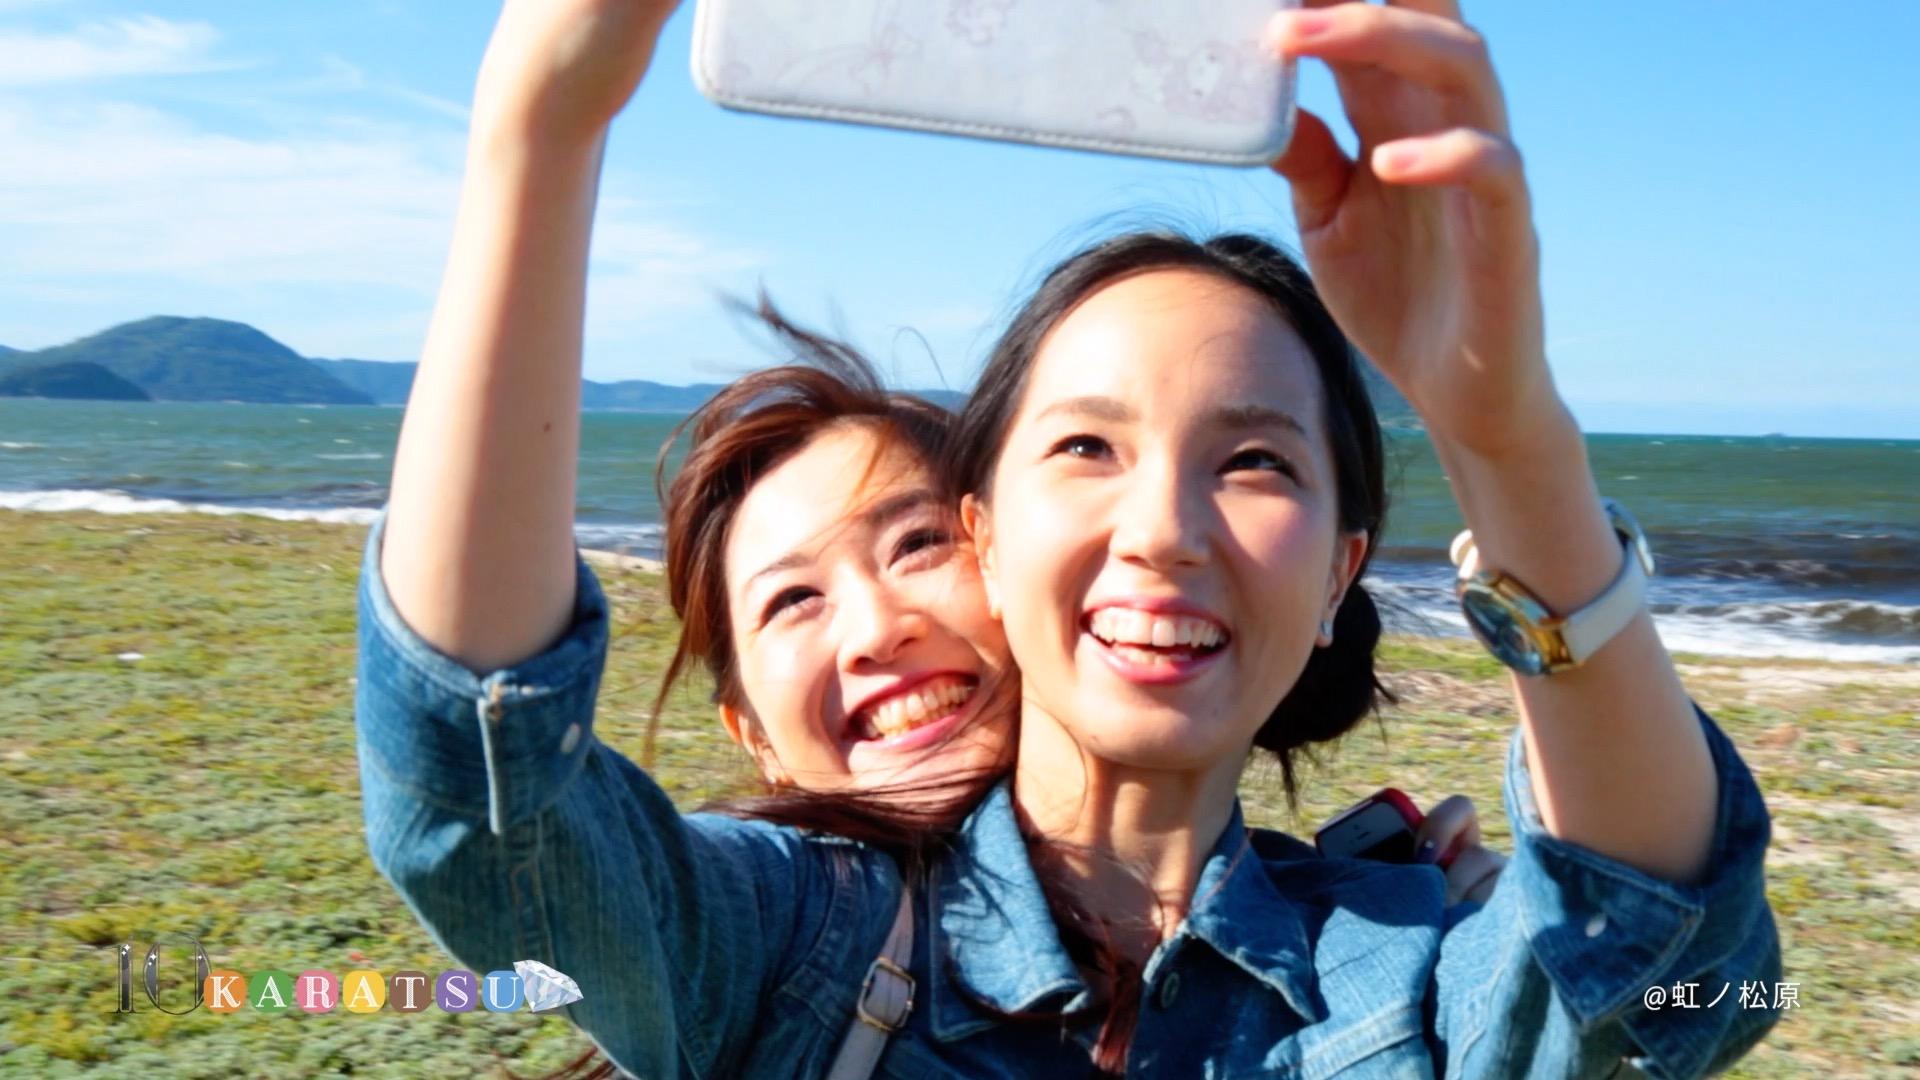 10KARATSU女子旅自撮り